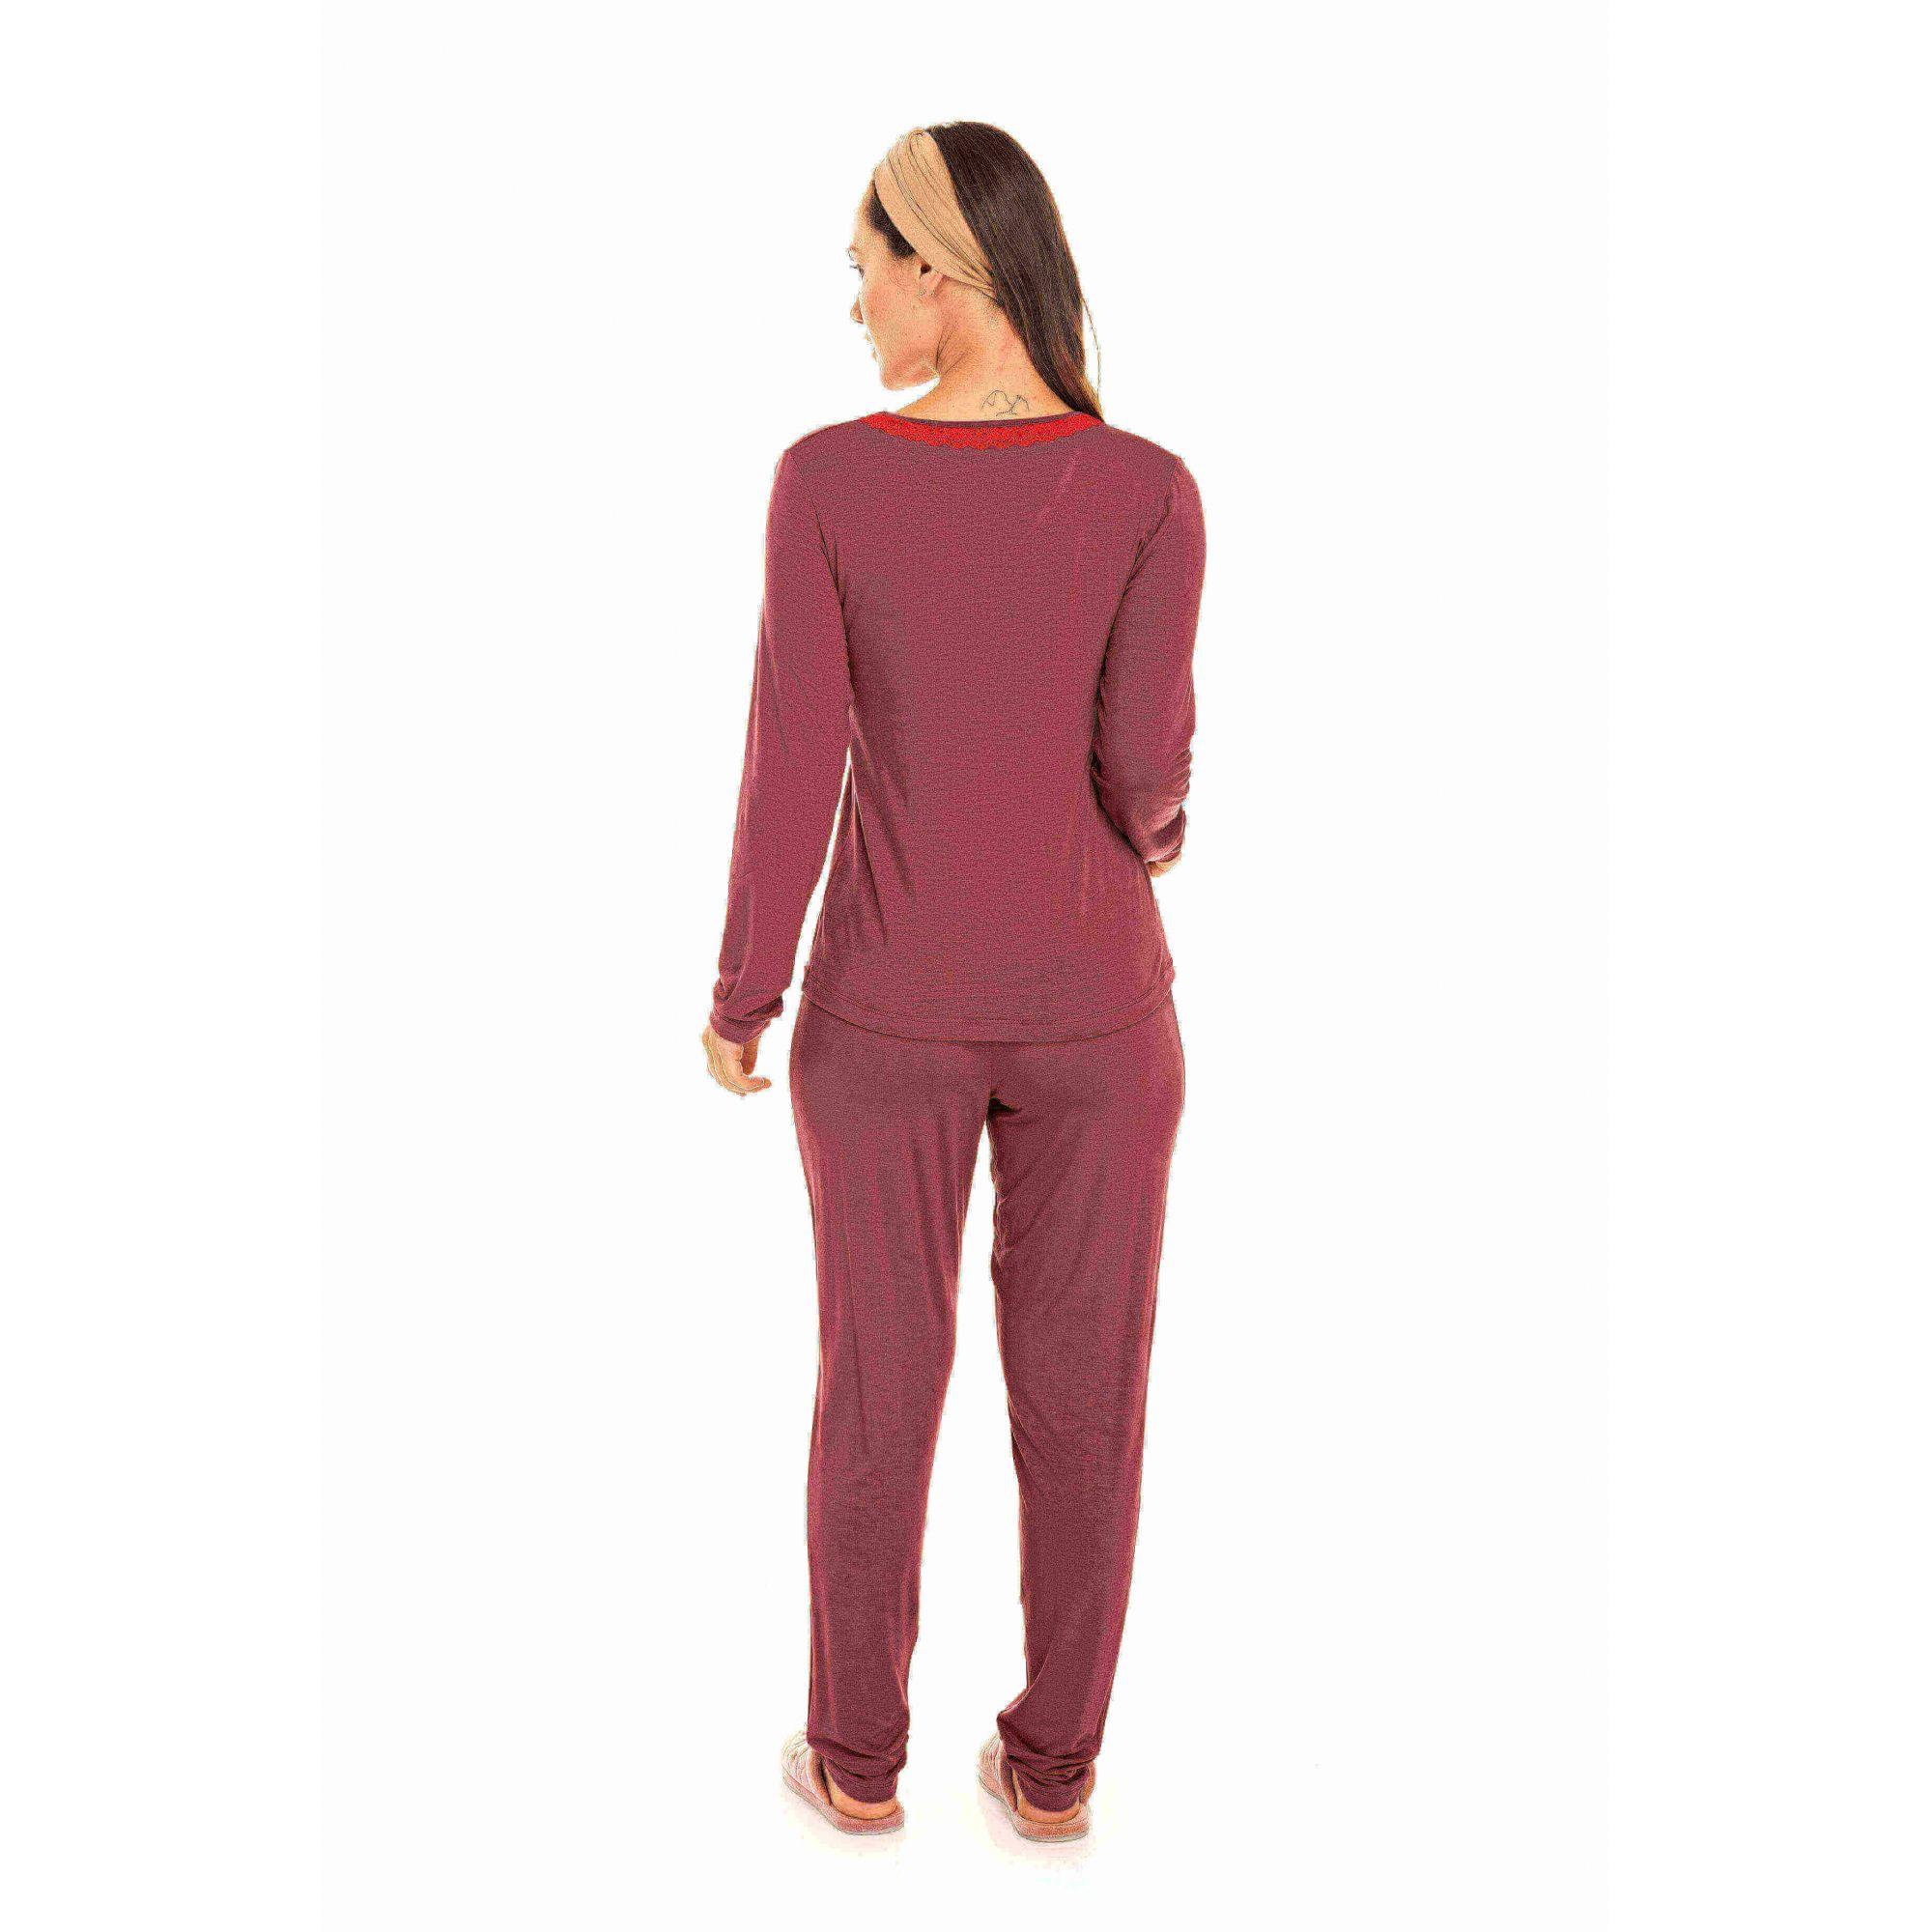 Pijama Adulto Feminino Viscolycra Bordô